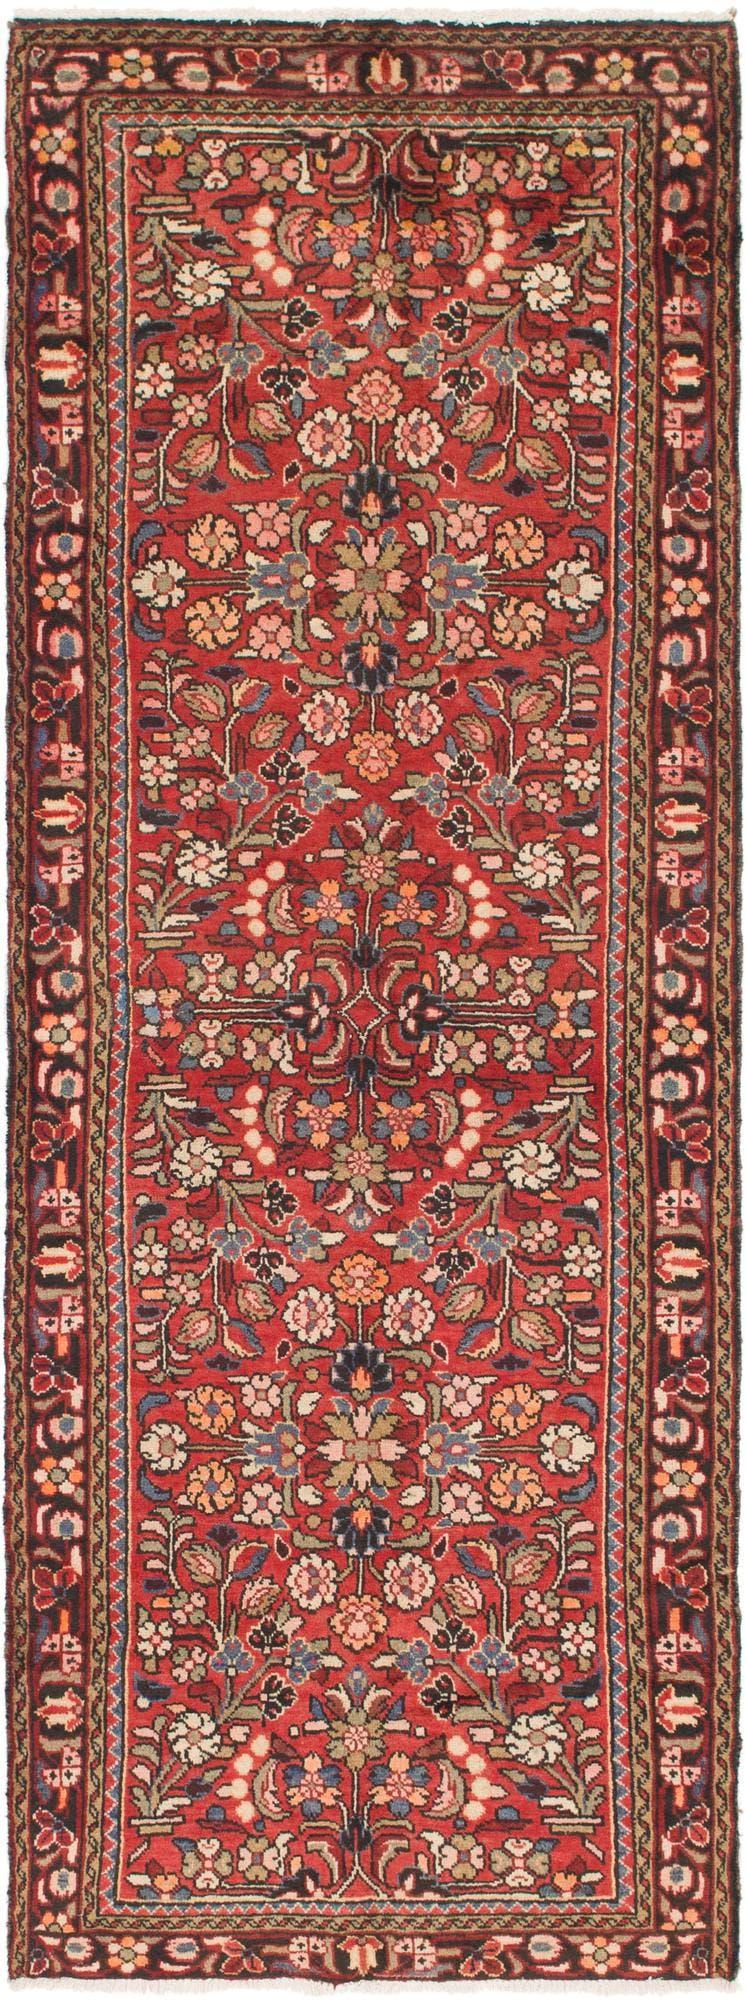 3' 5 x 9' 7 Borchelu Persian Runner Rug main image